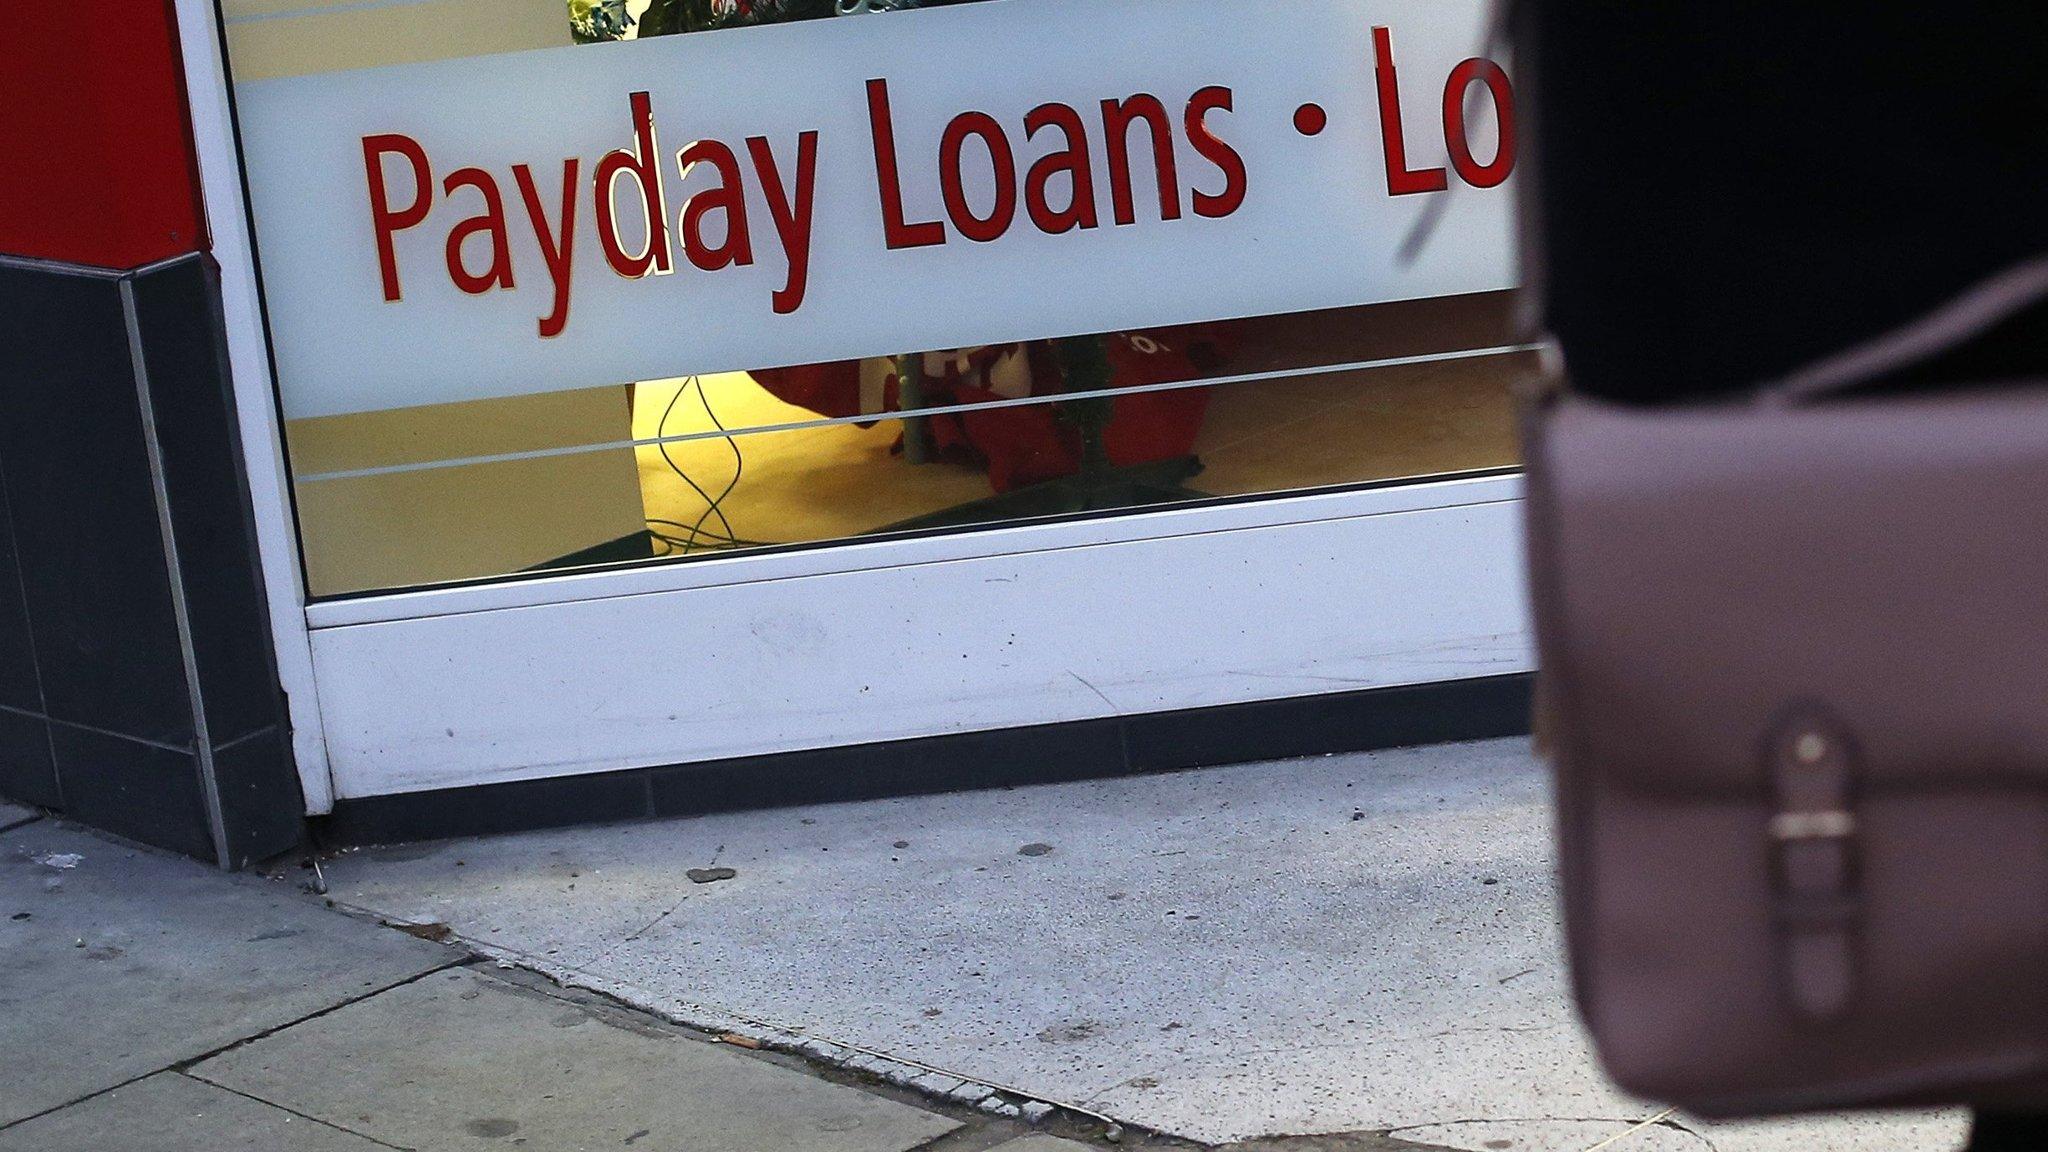 $620 Same Day Loans